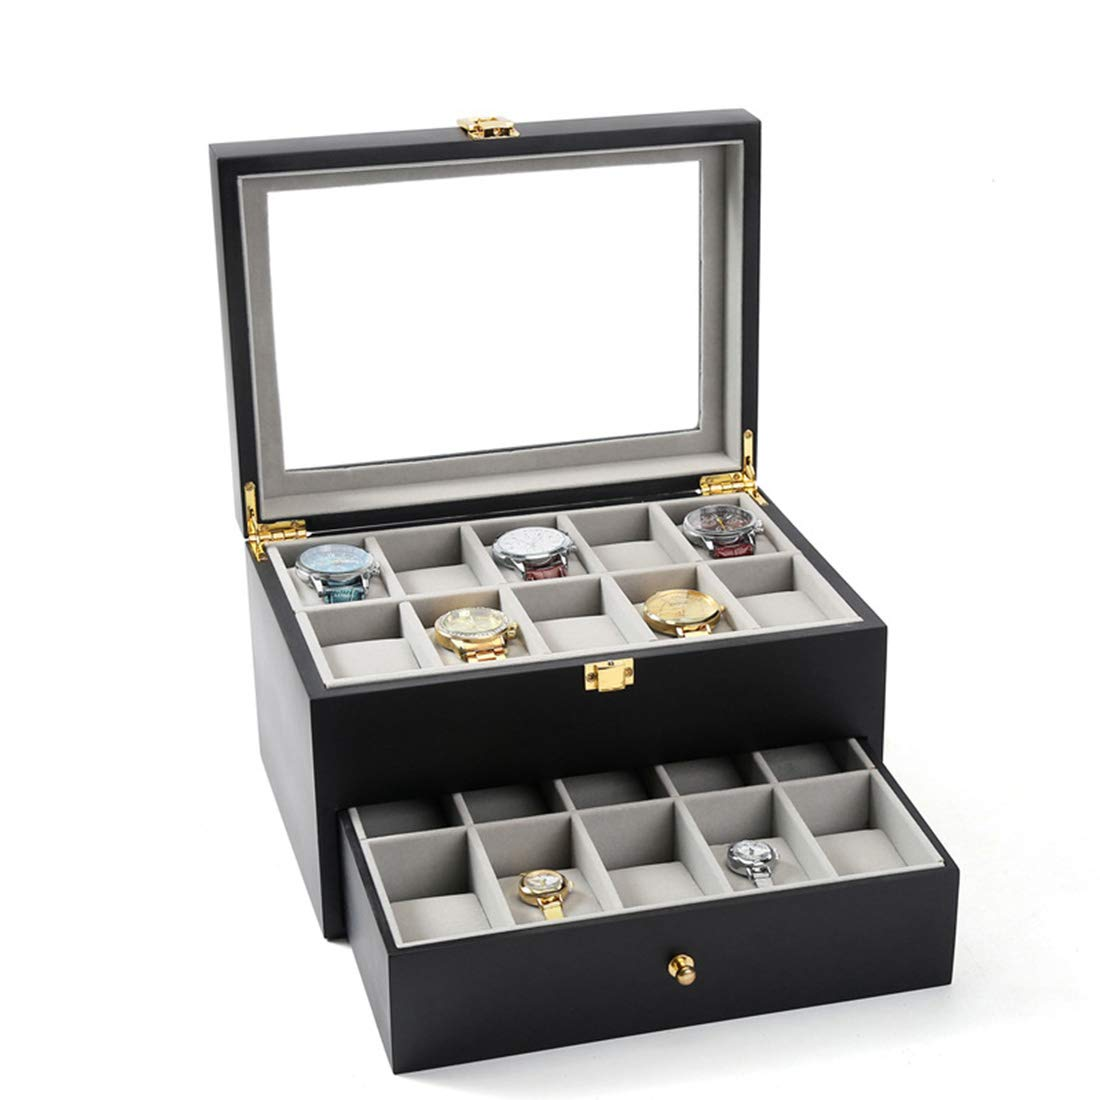 FELICIAAA ロック付きの絶妙な木製のダブルレイヤー世帯の腕時計のコレクションボックス (Color : ブラック) B07NW5YR6P ブラック